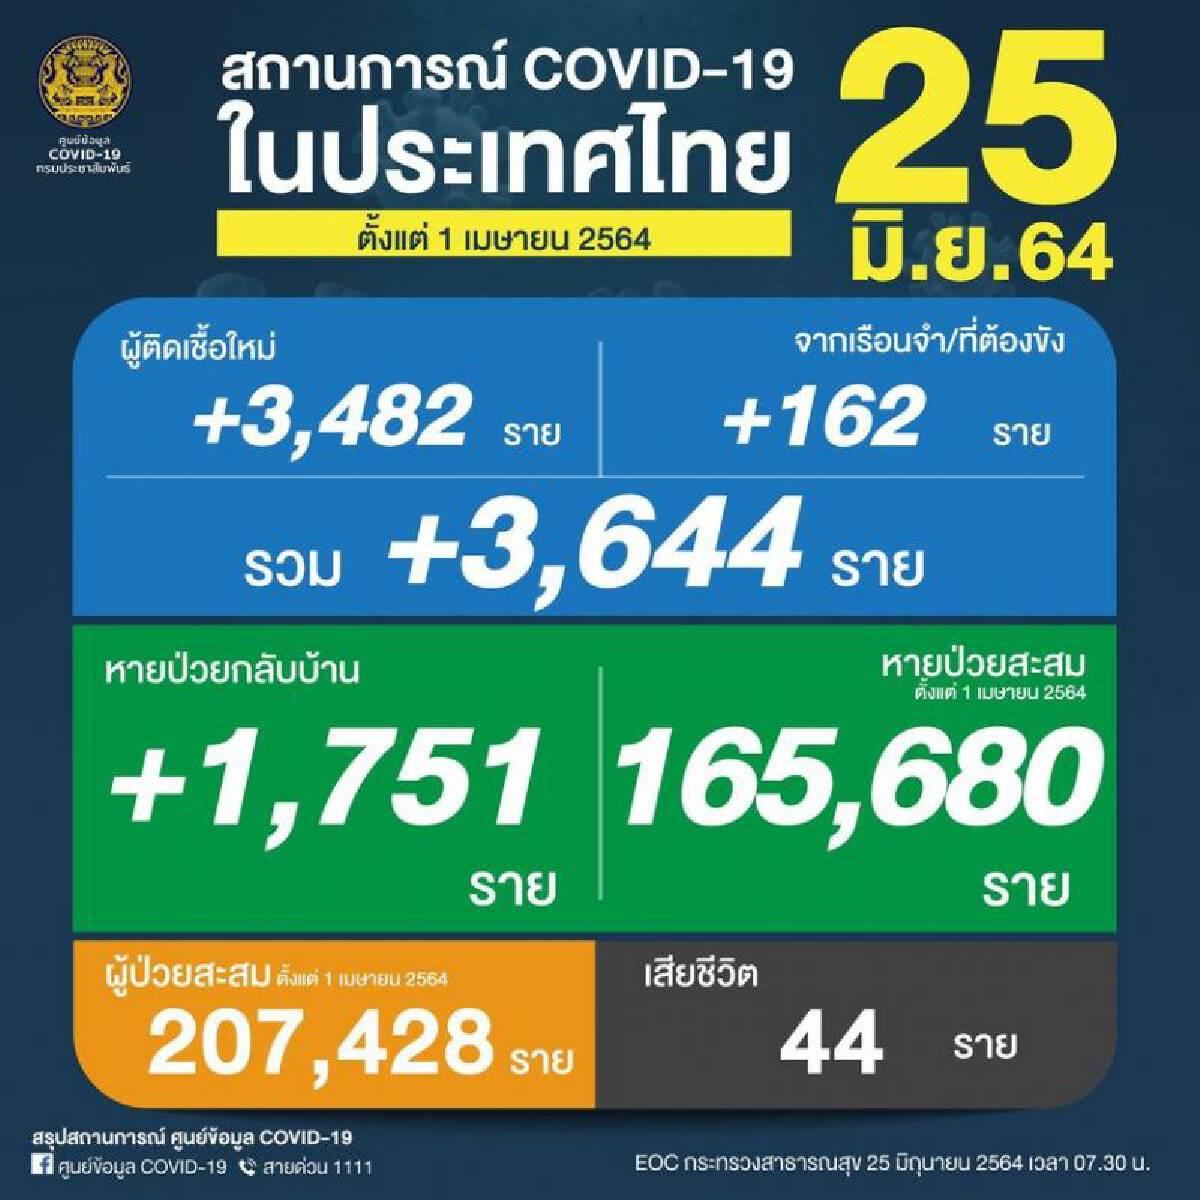 ยอดโควิดวันนี้ ติดเชื้อเพิ่ม 3,644 ราย เสียชีวิต 44 คน